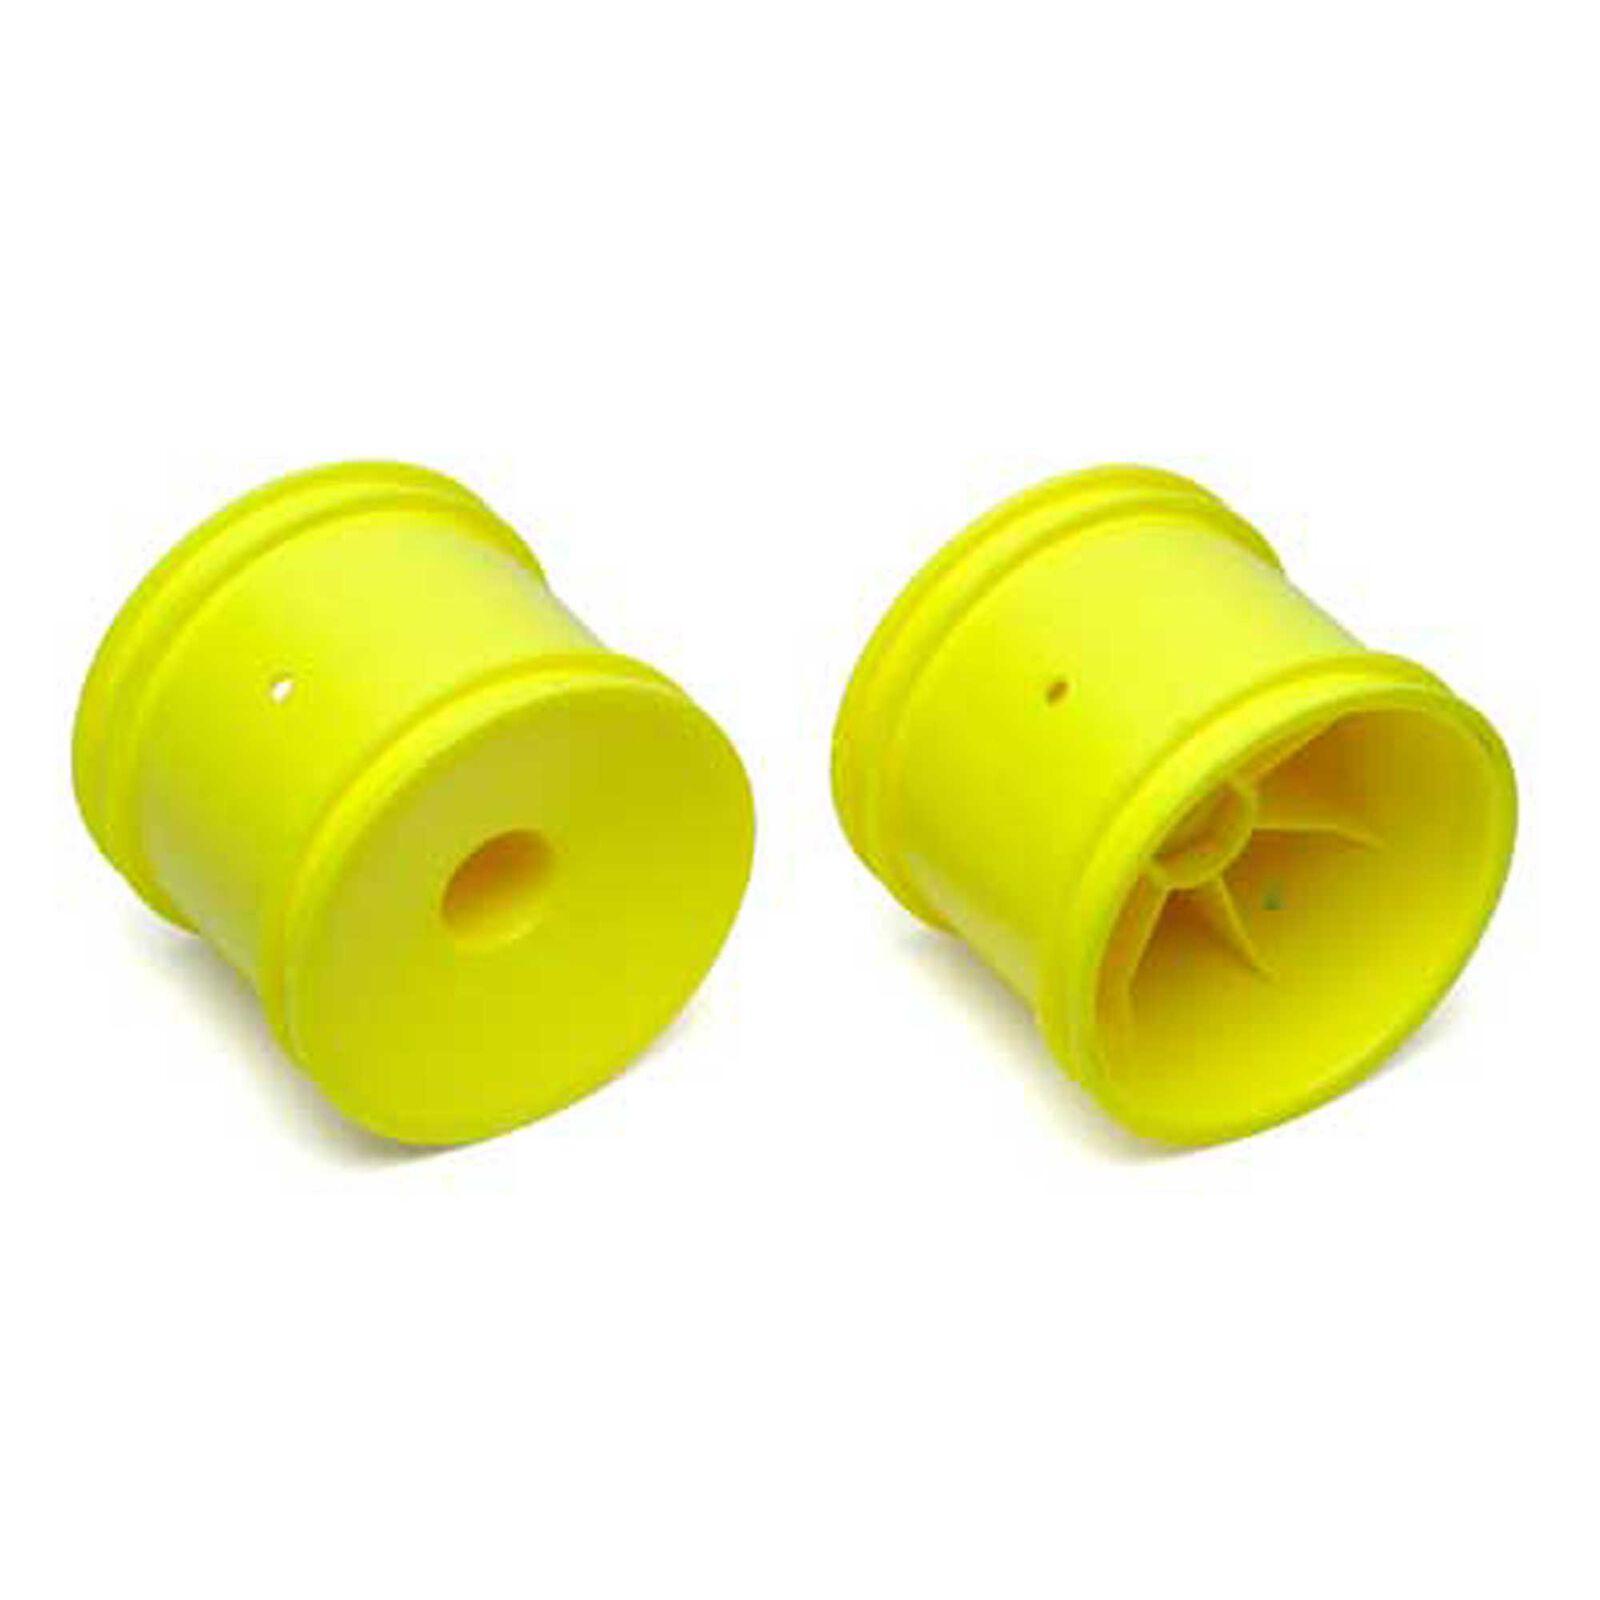 1/10 Truck Rear Wheels, 12mm Hex, Yellow (2)